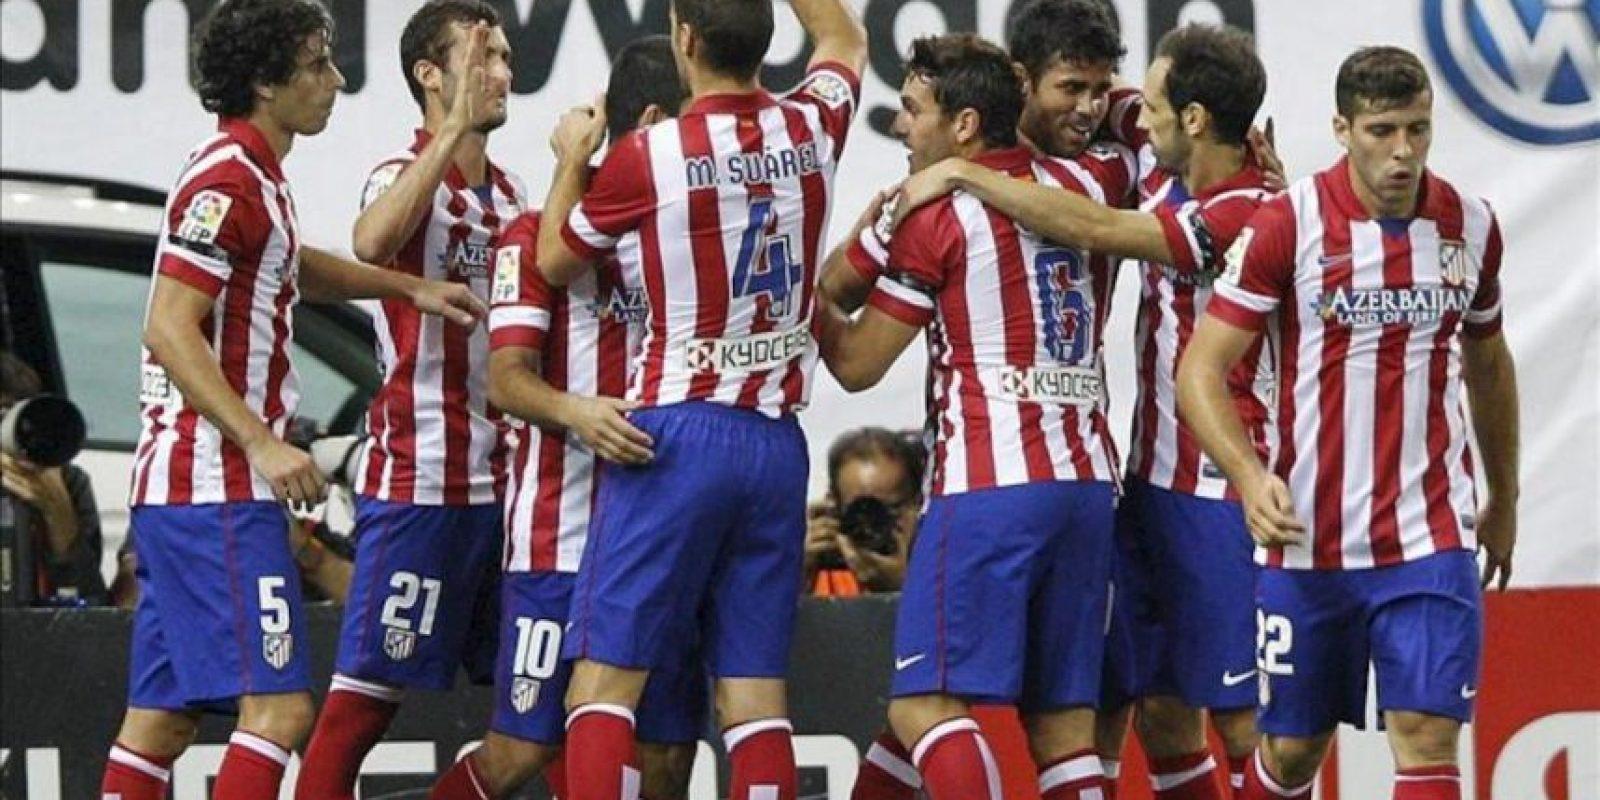 Los jugadores del Atlético de Madrid felicitan al delantero brasileño Diego Costa (3-d) tras marcar su segundo gol ante Osasuna, durante el partido de Primera División que disputaron en el estadio Vicente Calderón, en Madrid. EFE